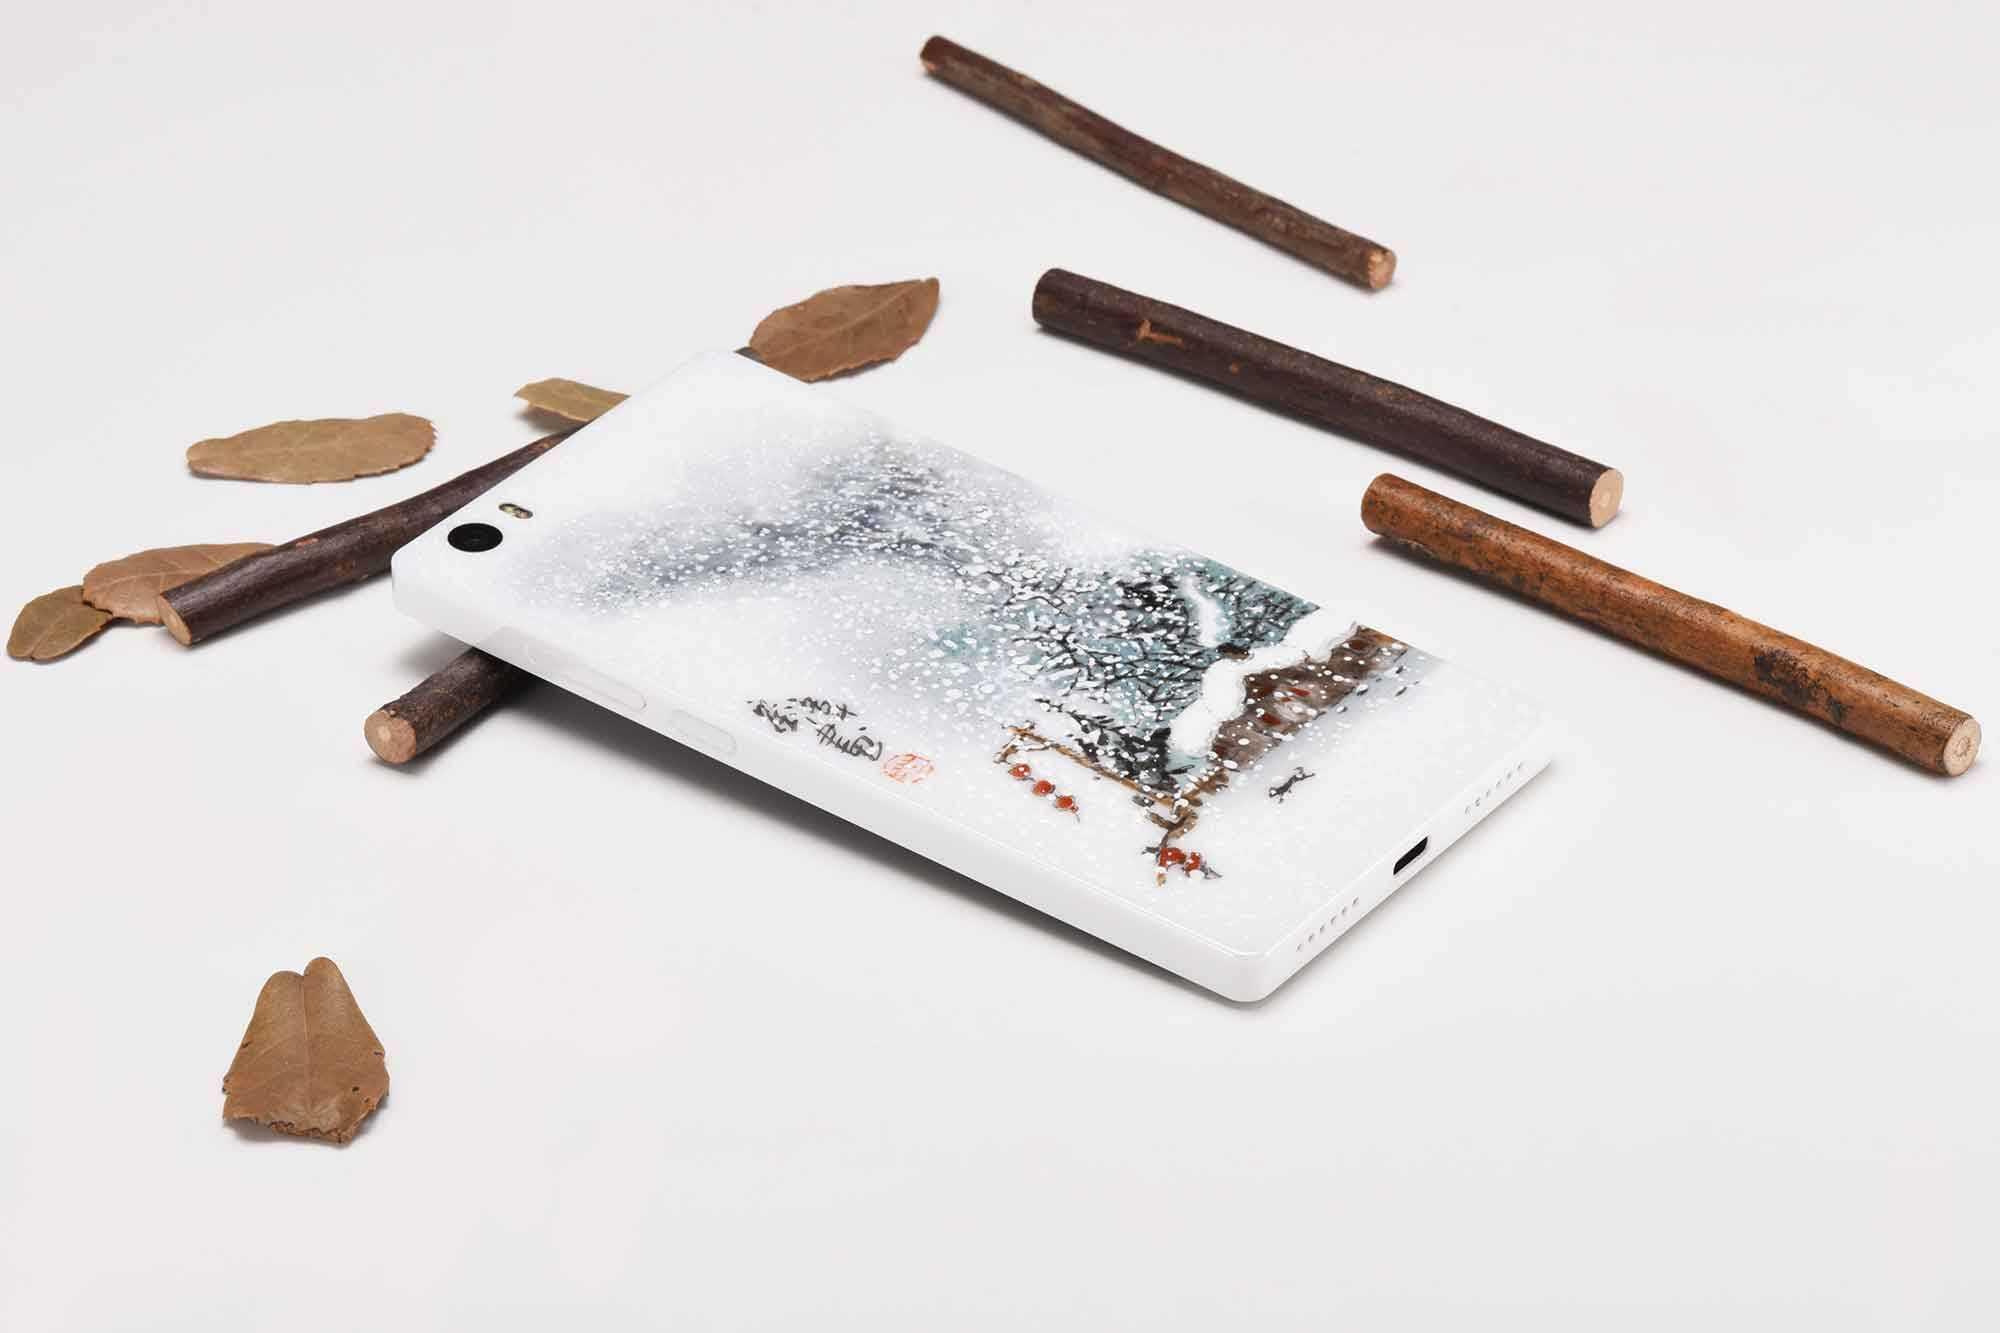 Анонс royole flexpai 2: гибкий планшет-смартфон по адекватной цене